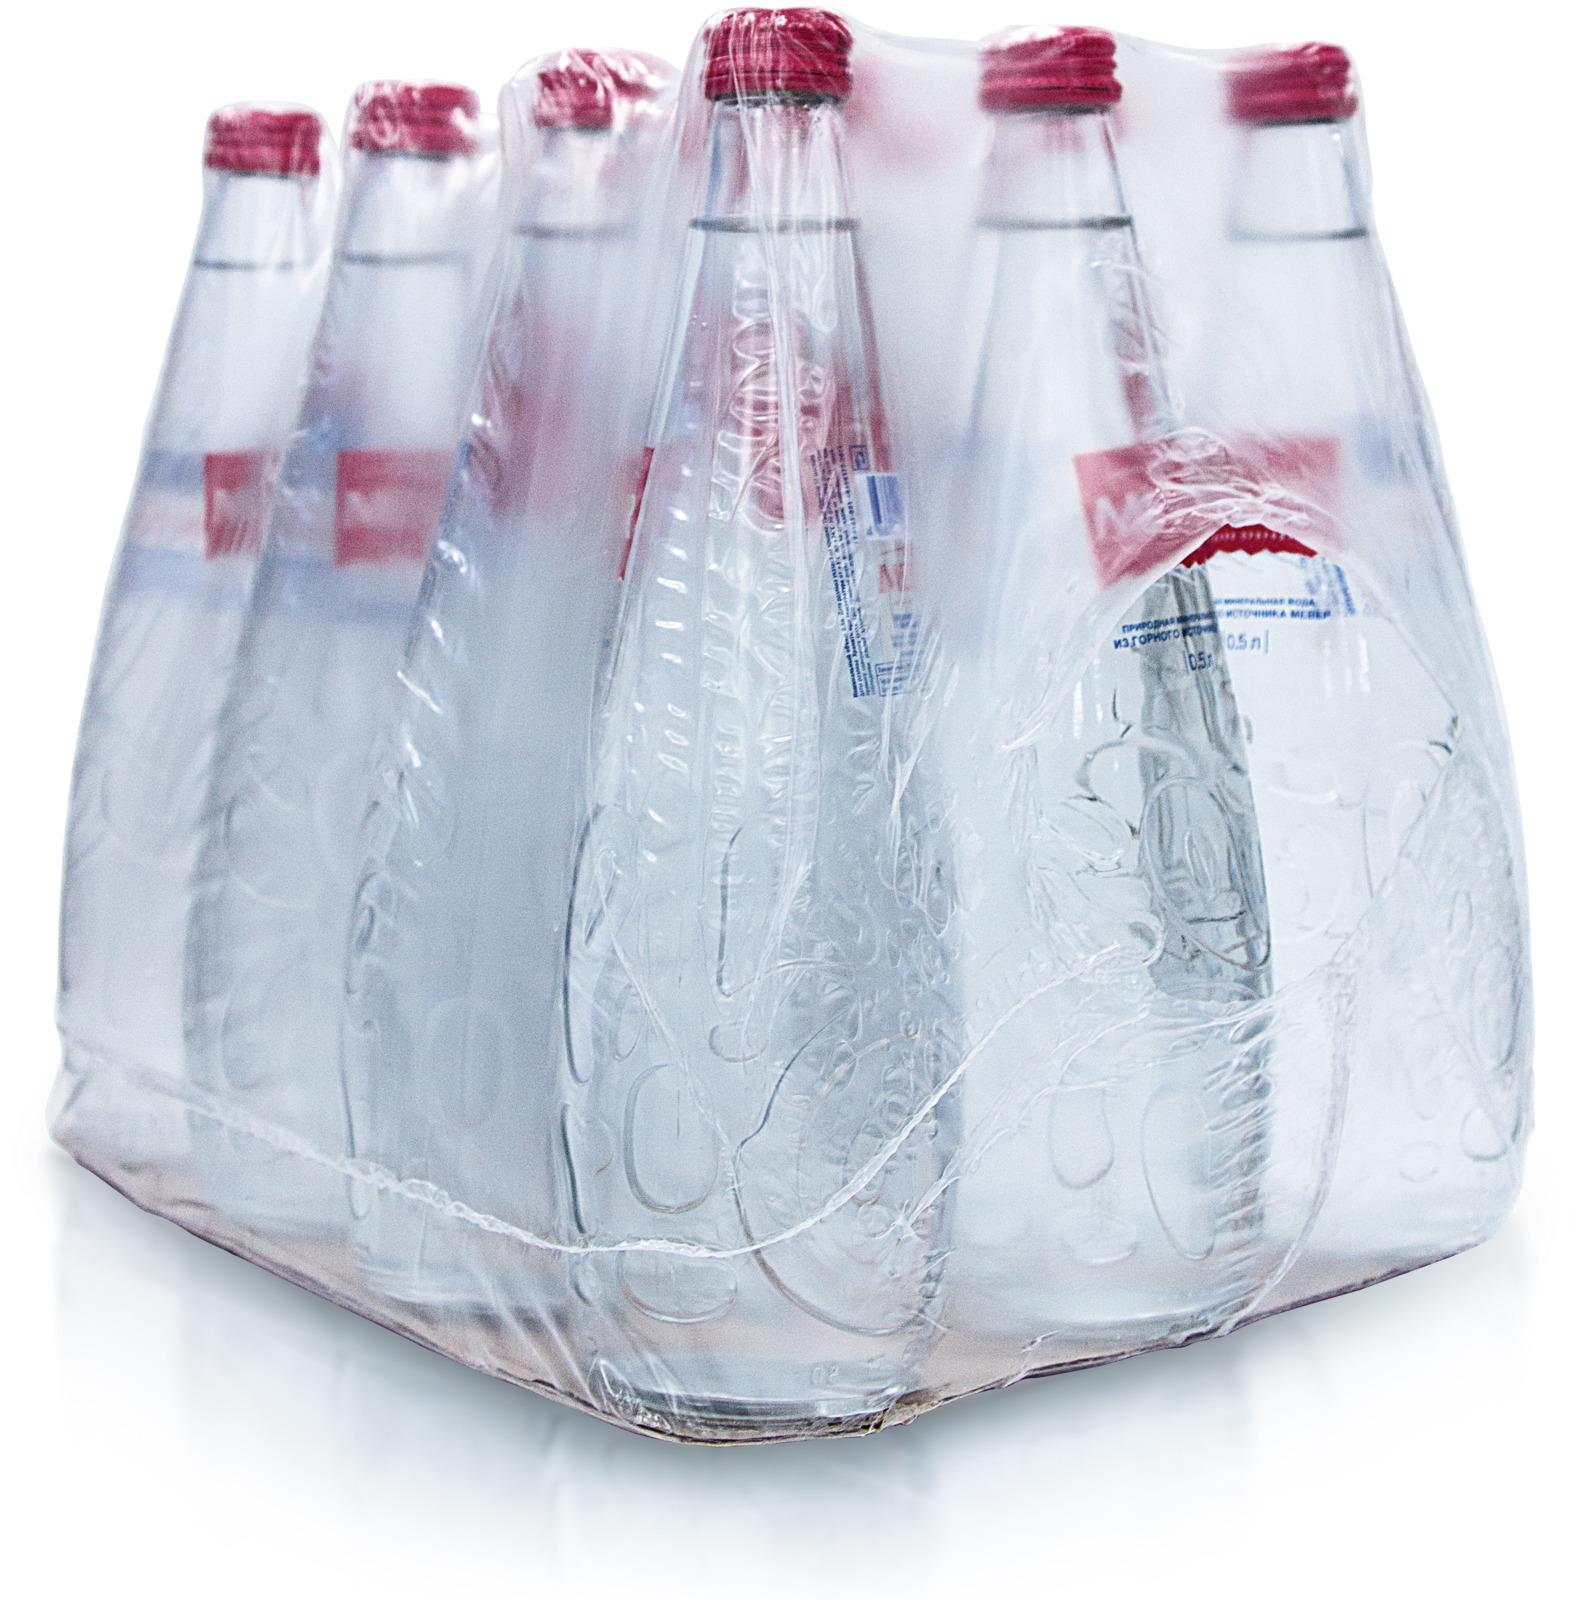 Вода питьевая негазированная Мевер, 500 мл х 12 шт, стекло